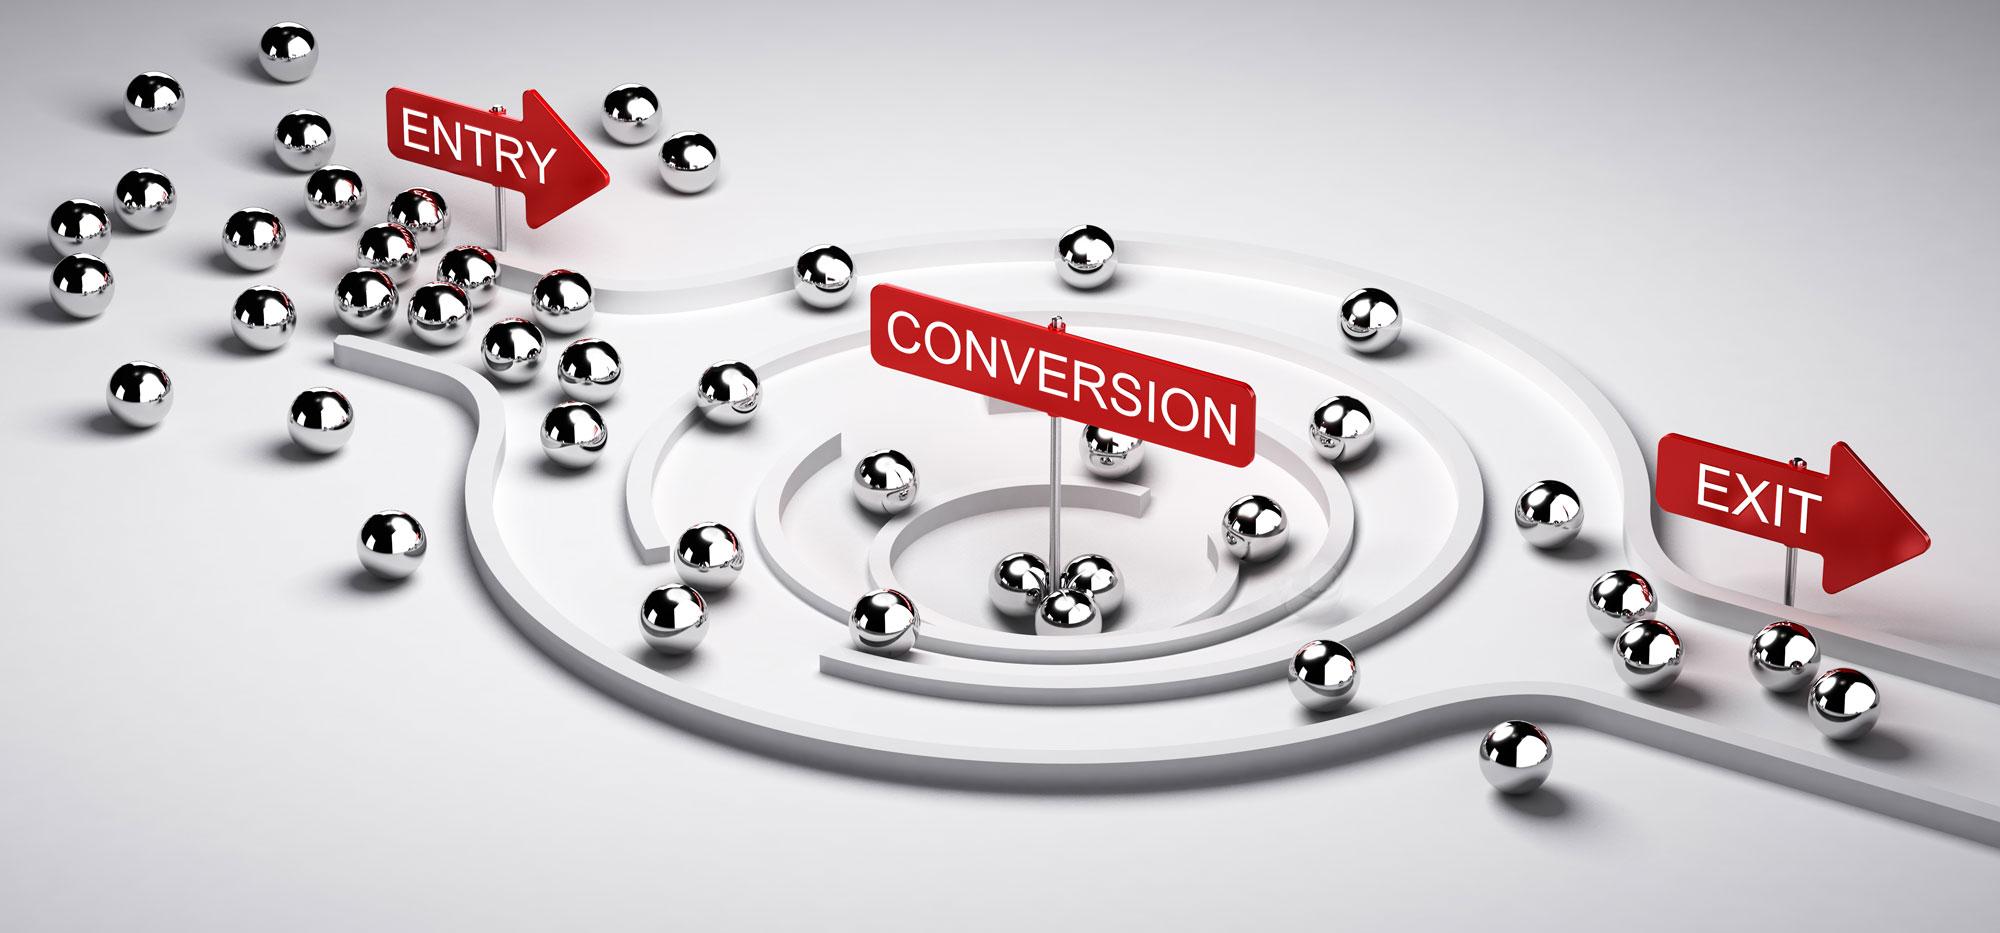 Конверсия: что это и как работает?